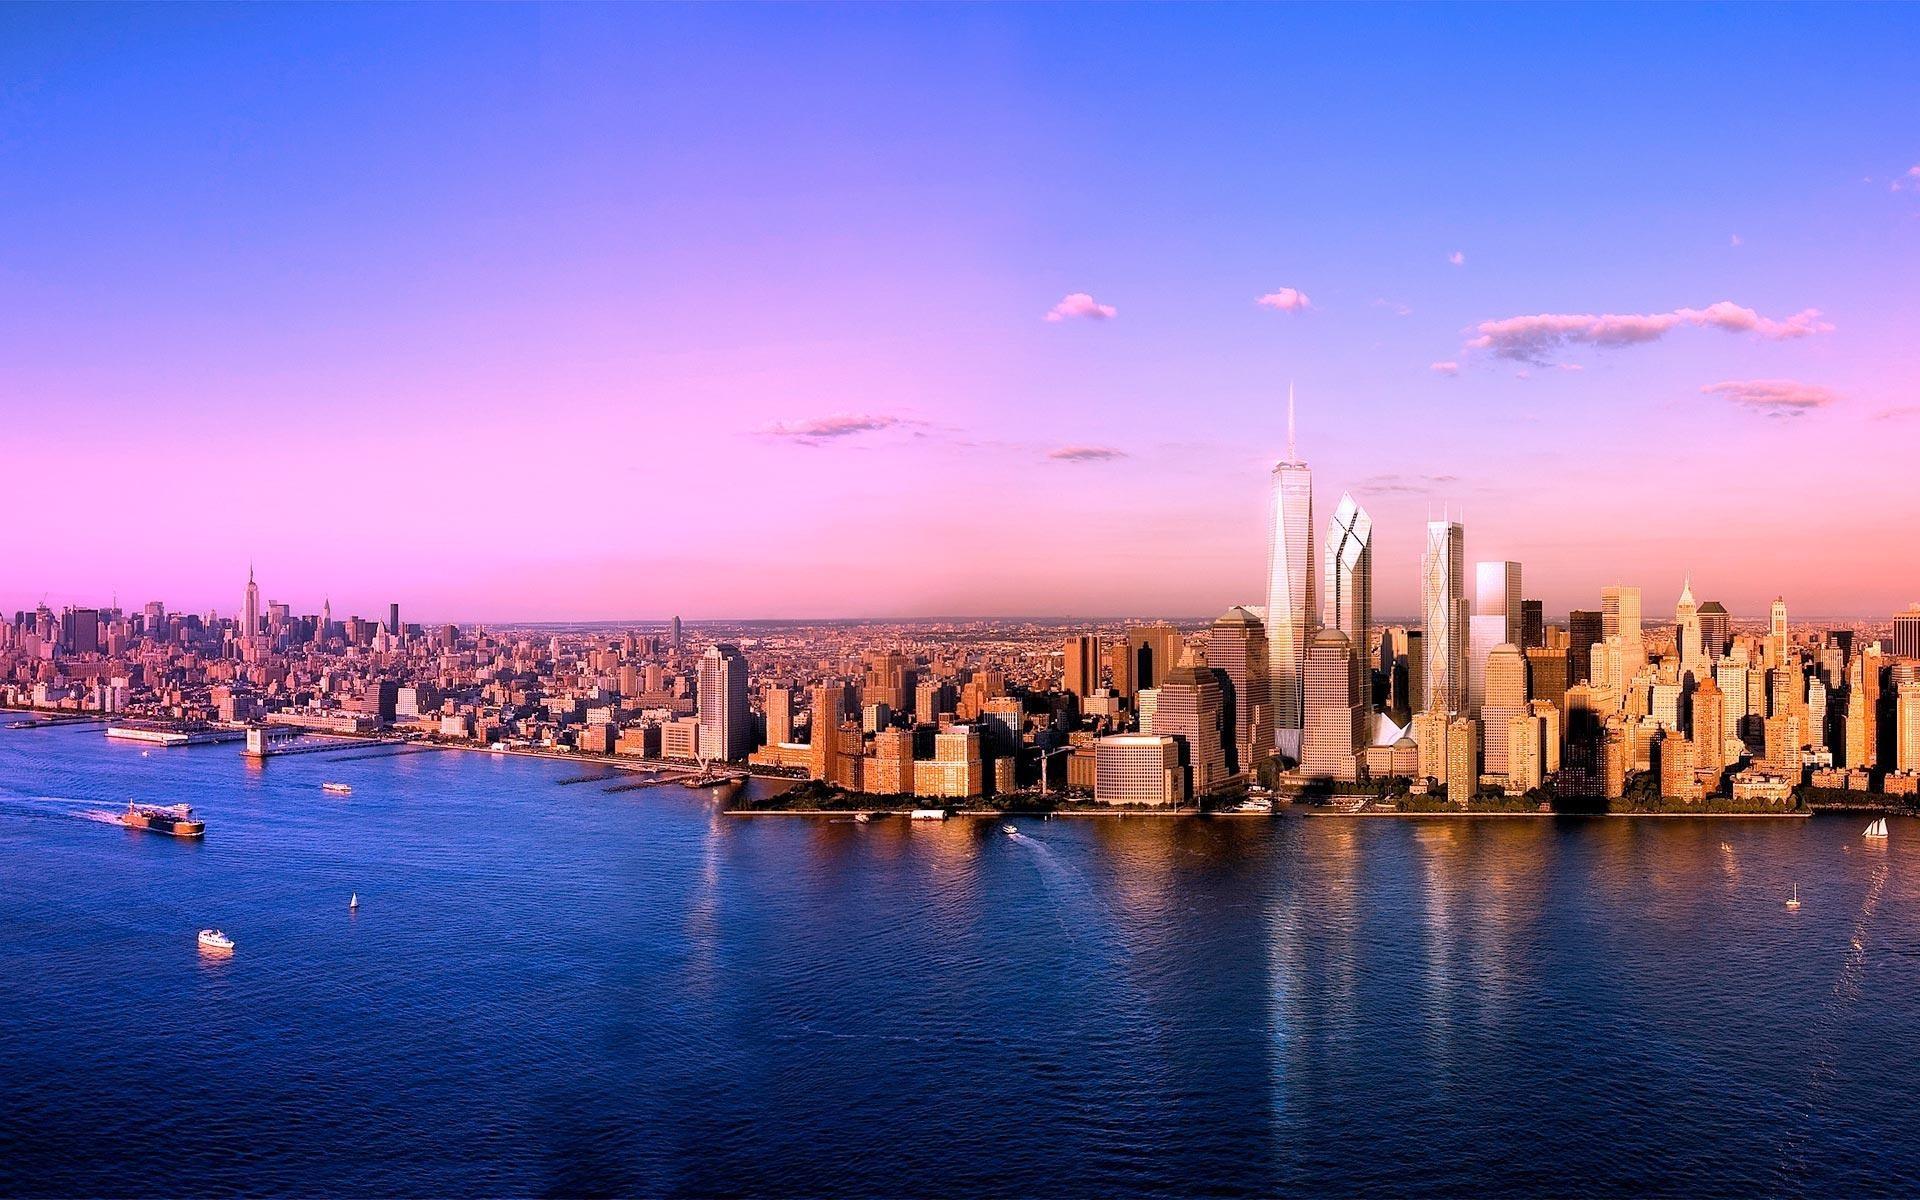 Обои на рабочий стол панорама города сделали фотографии